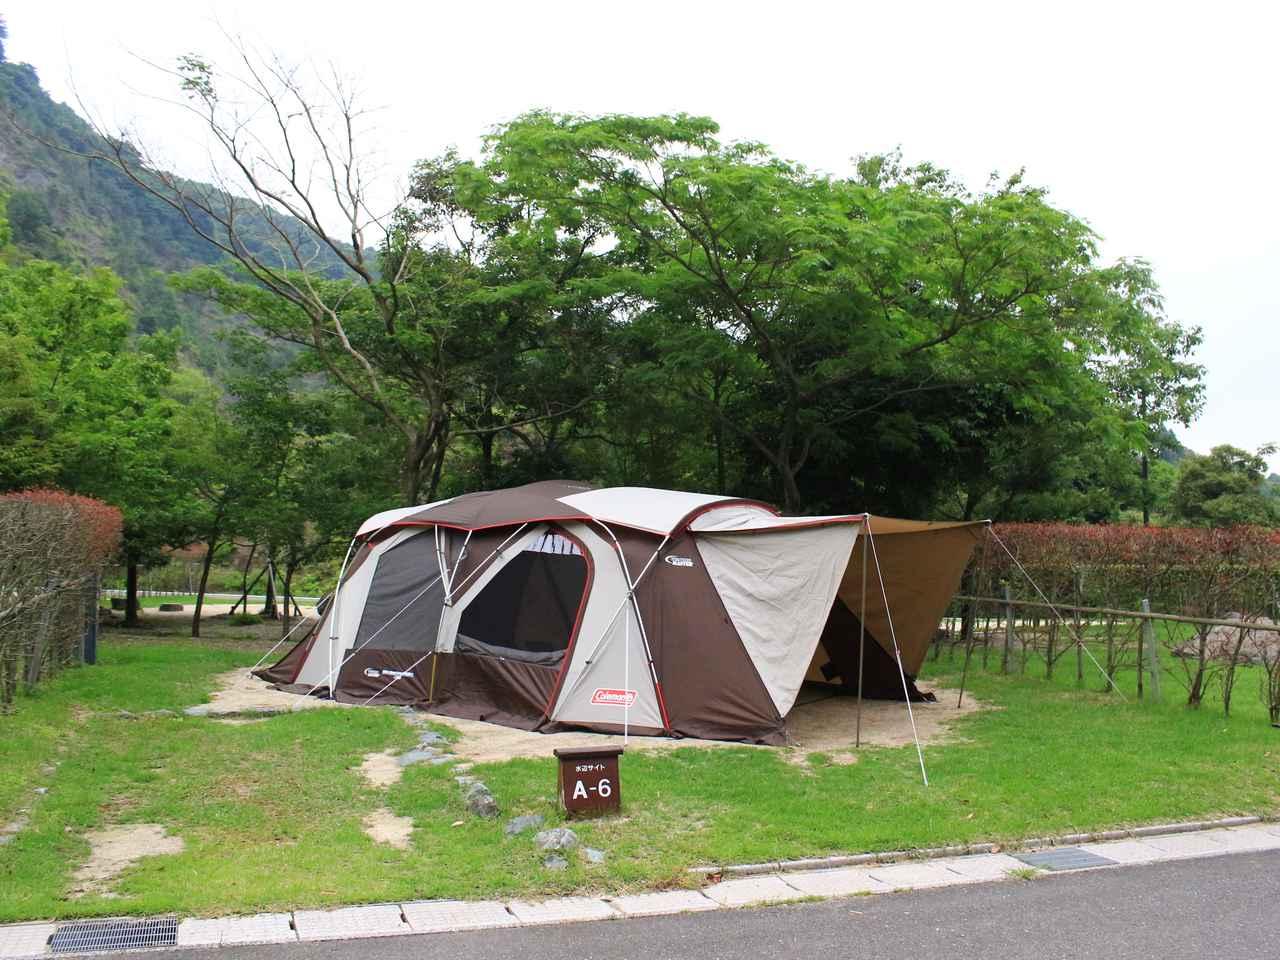 画像: 青川峡キャンピングパーク提供 テントのサイズによっては、工夫して張る必要もでてきます。 「コールマン コクーンII」